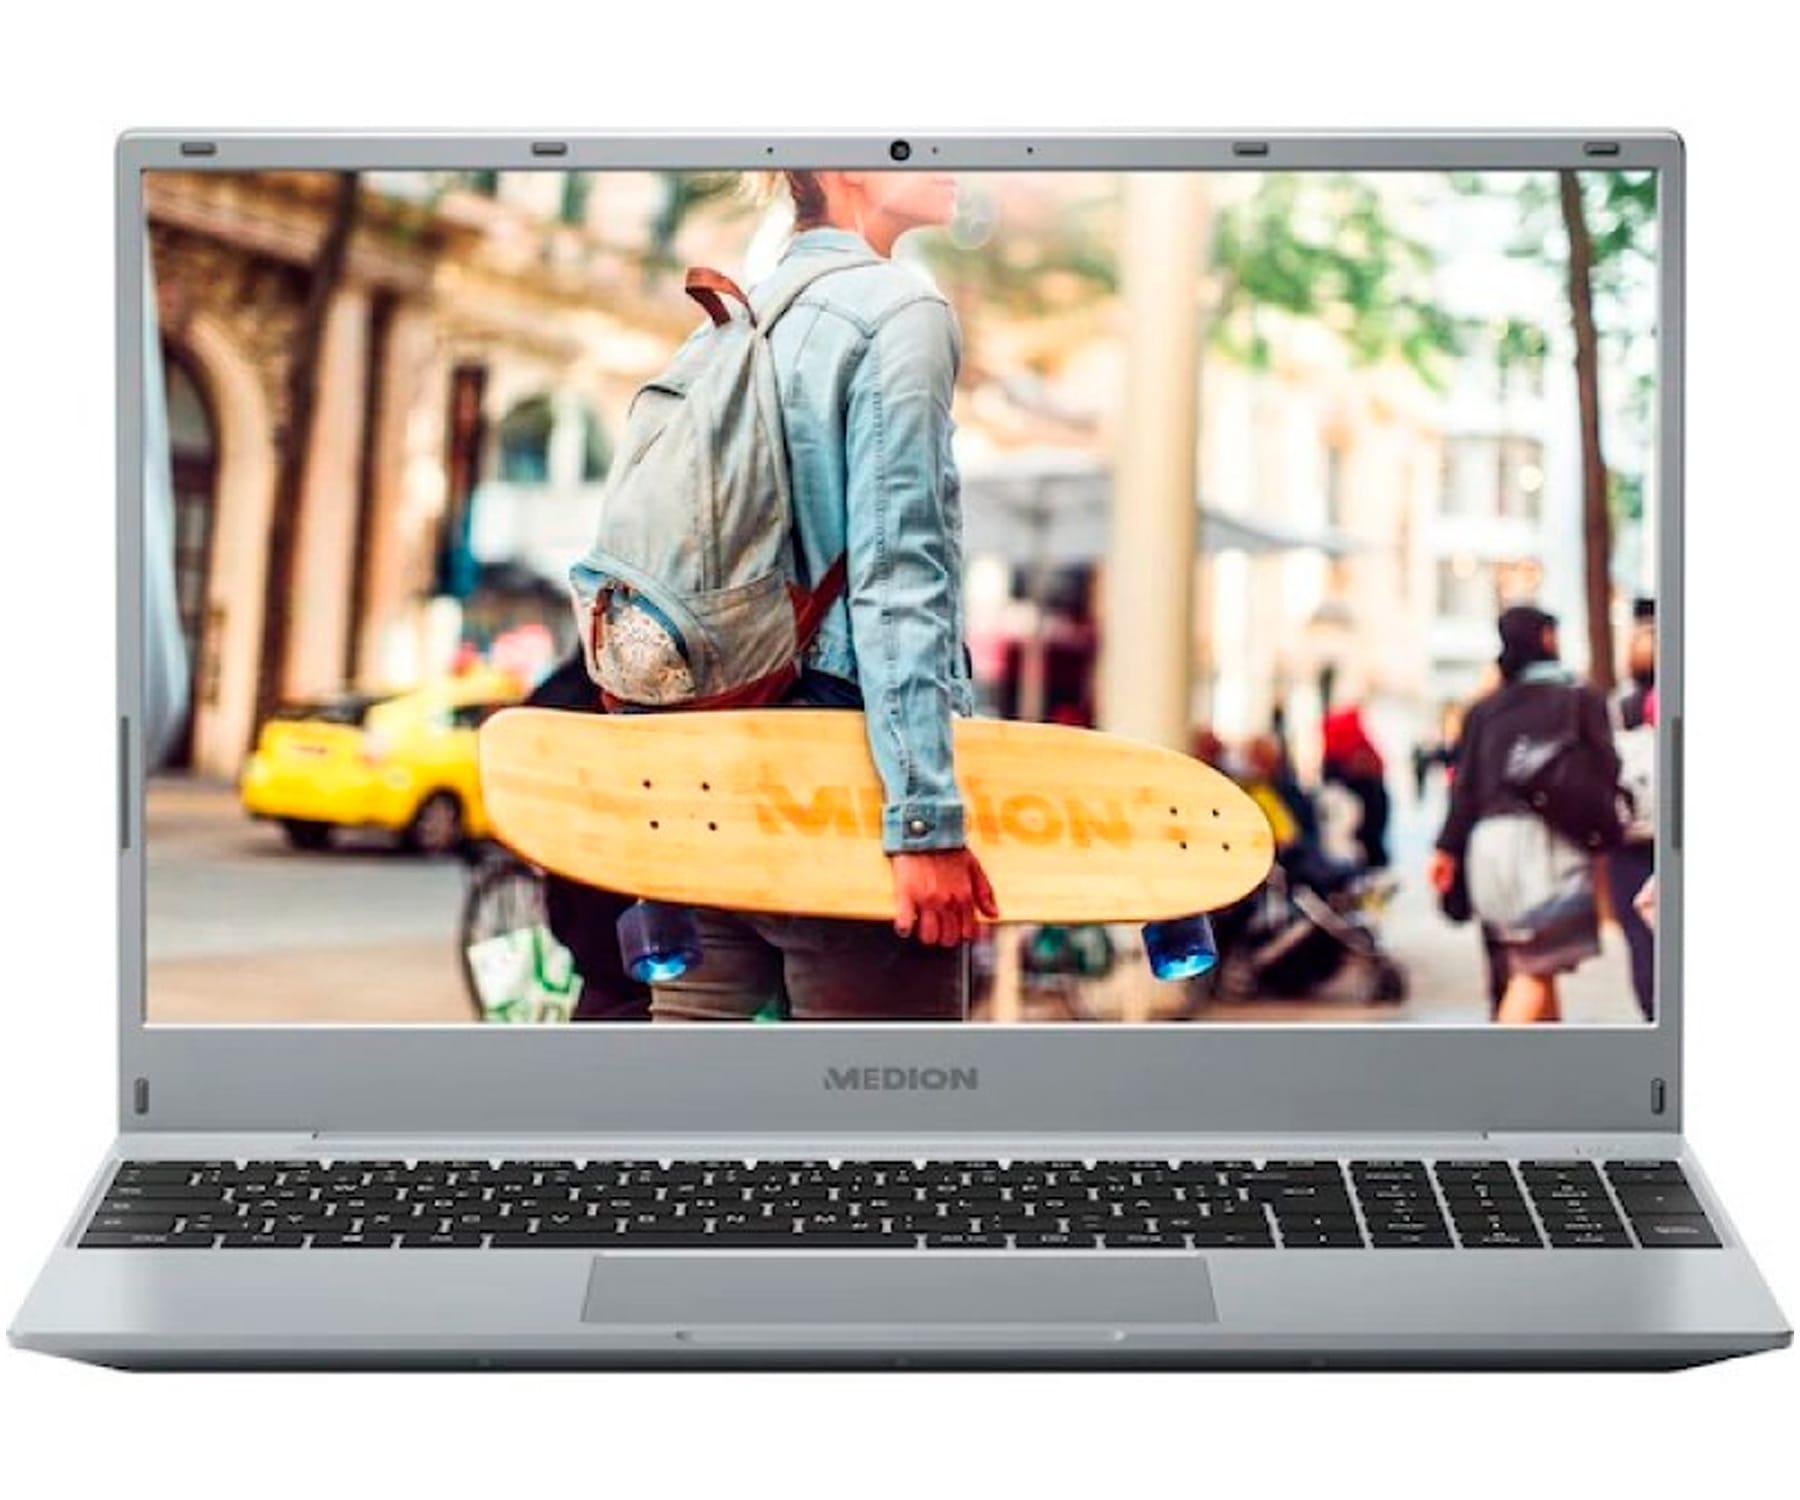 MEDION AKOYA E15301 MD62020 PLATA PORTÁTIL 15.6'' FULLHD RYZEN 5 3500U 256GB SSD 8GB RAM HDMI USB FREEDOS